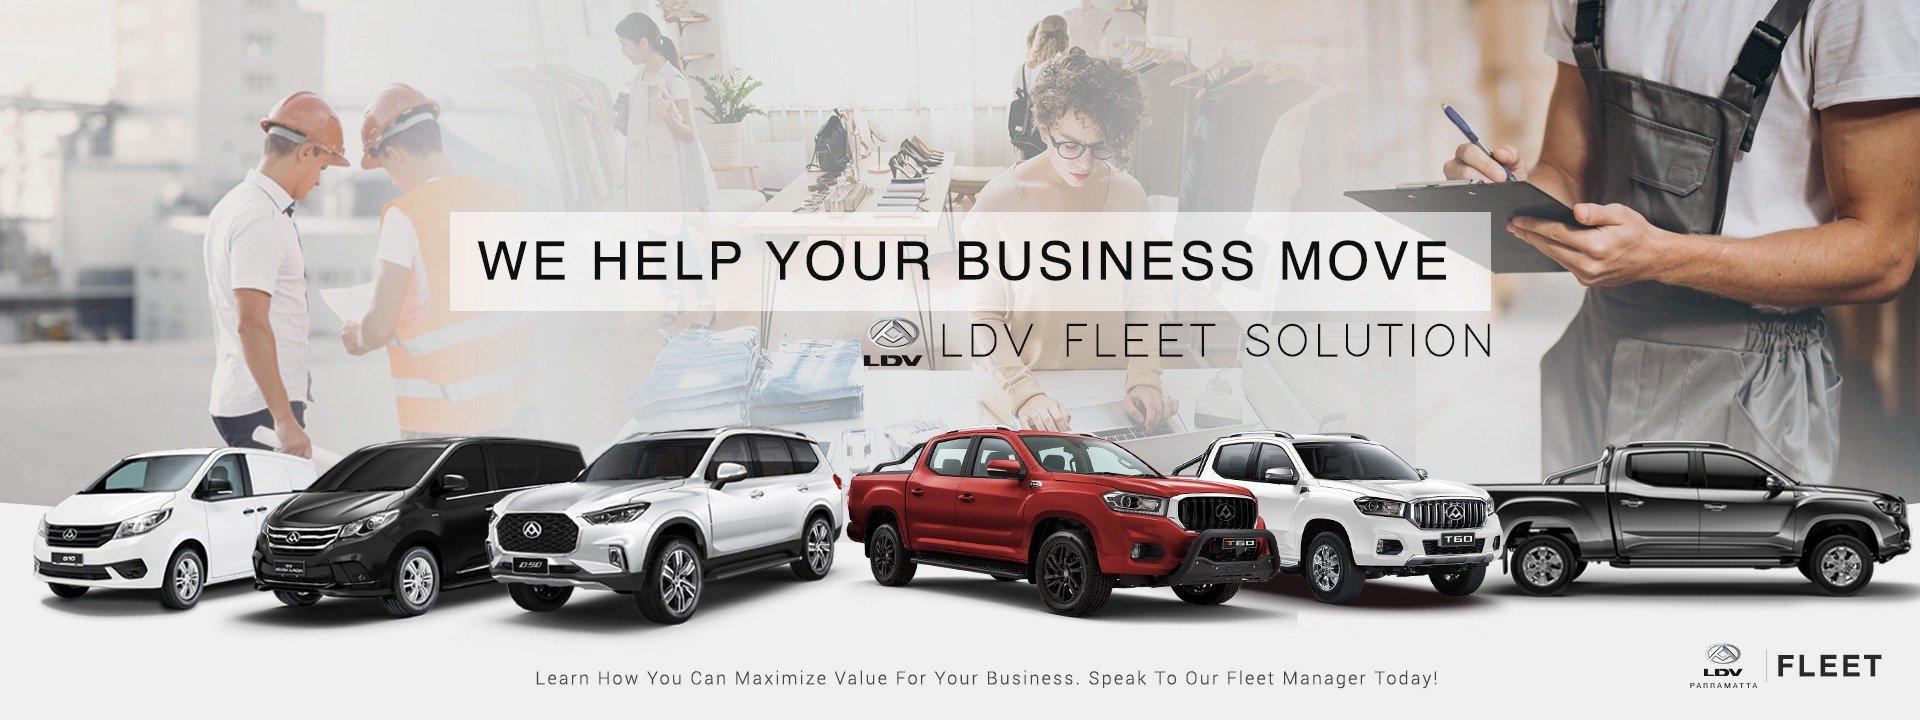 ldv_fleet_solutions